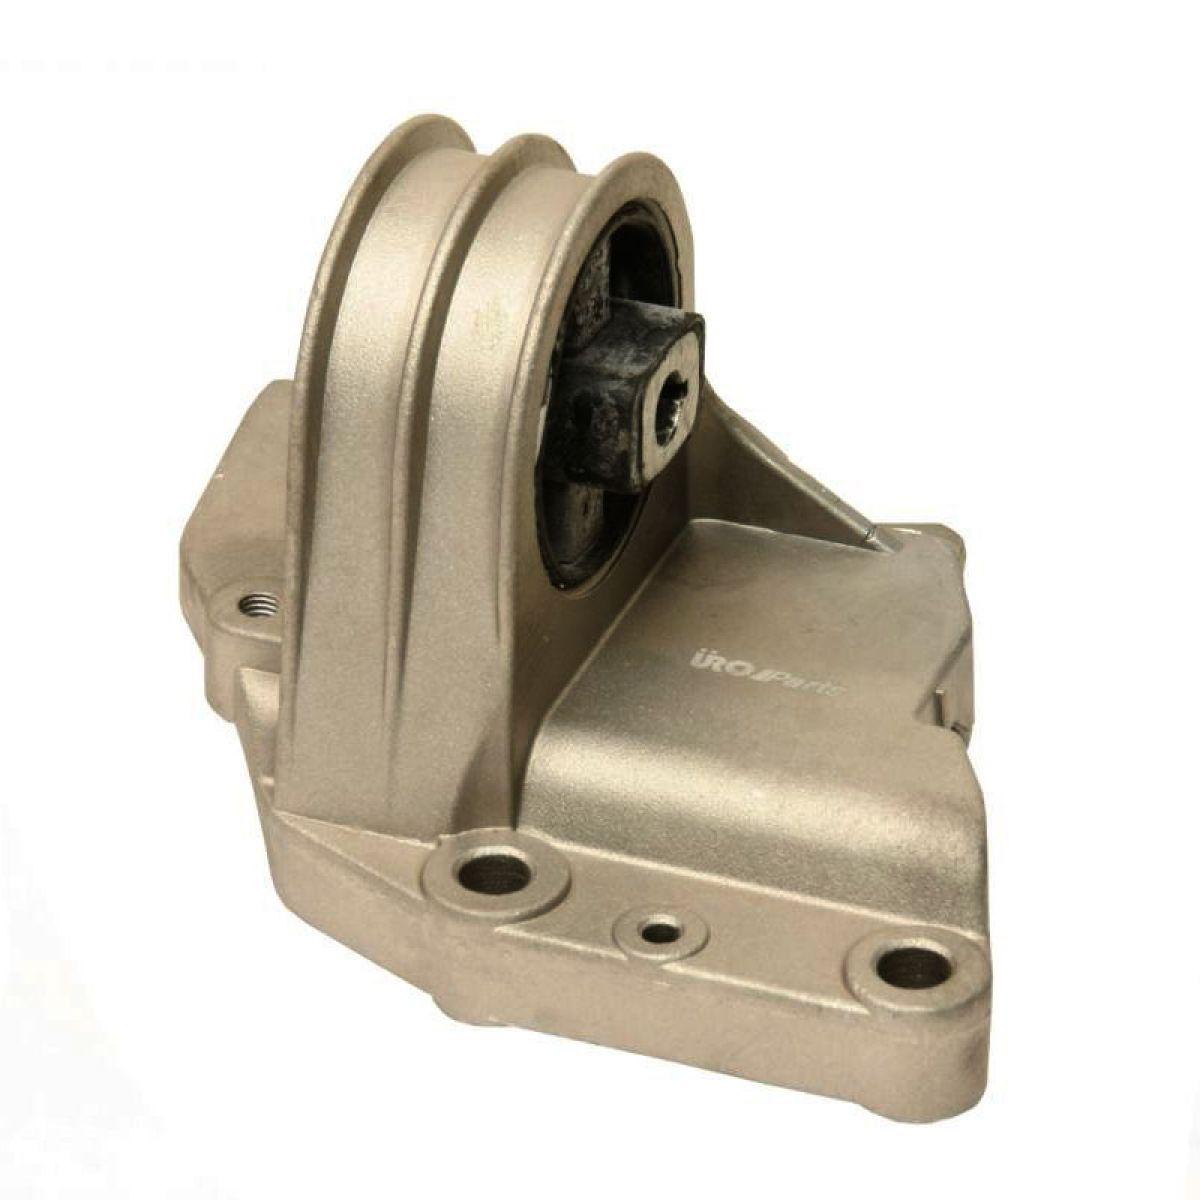 Volvo S80 2000 2001 Engine Cylinder Head Gasket: Upper Engine Motor Mount Bracket Support 8671633-9 For